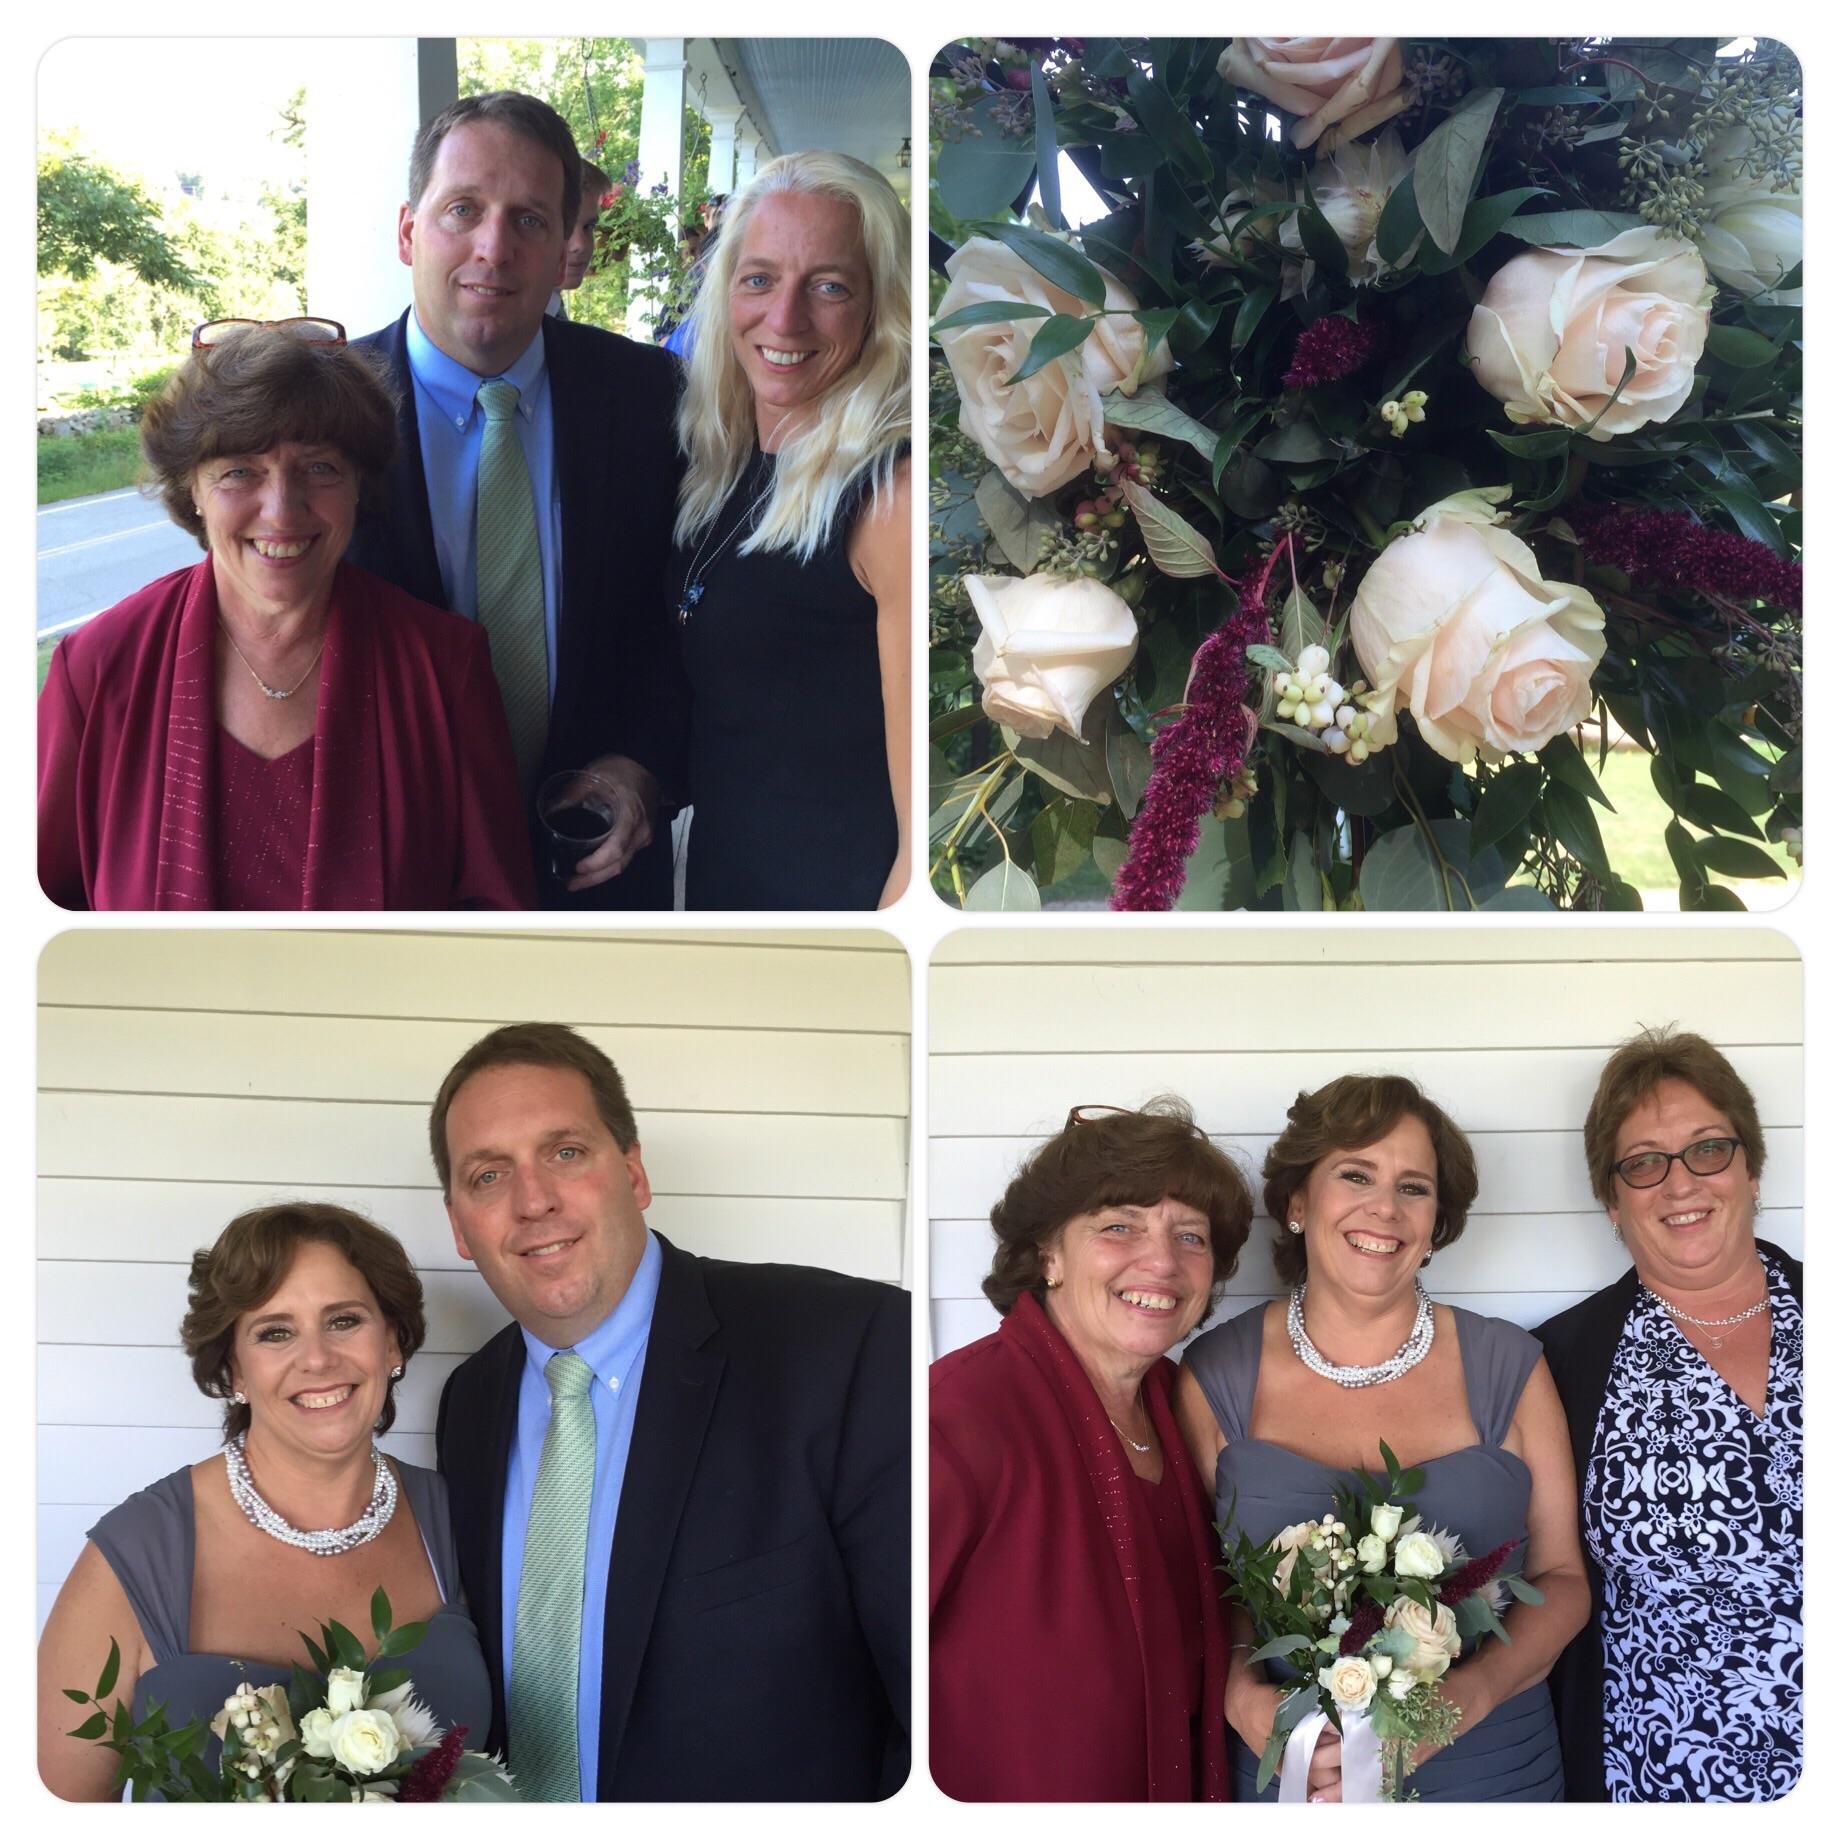 Chris' family: Leslie, Megan, Renetta & Kim.